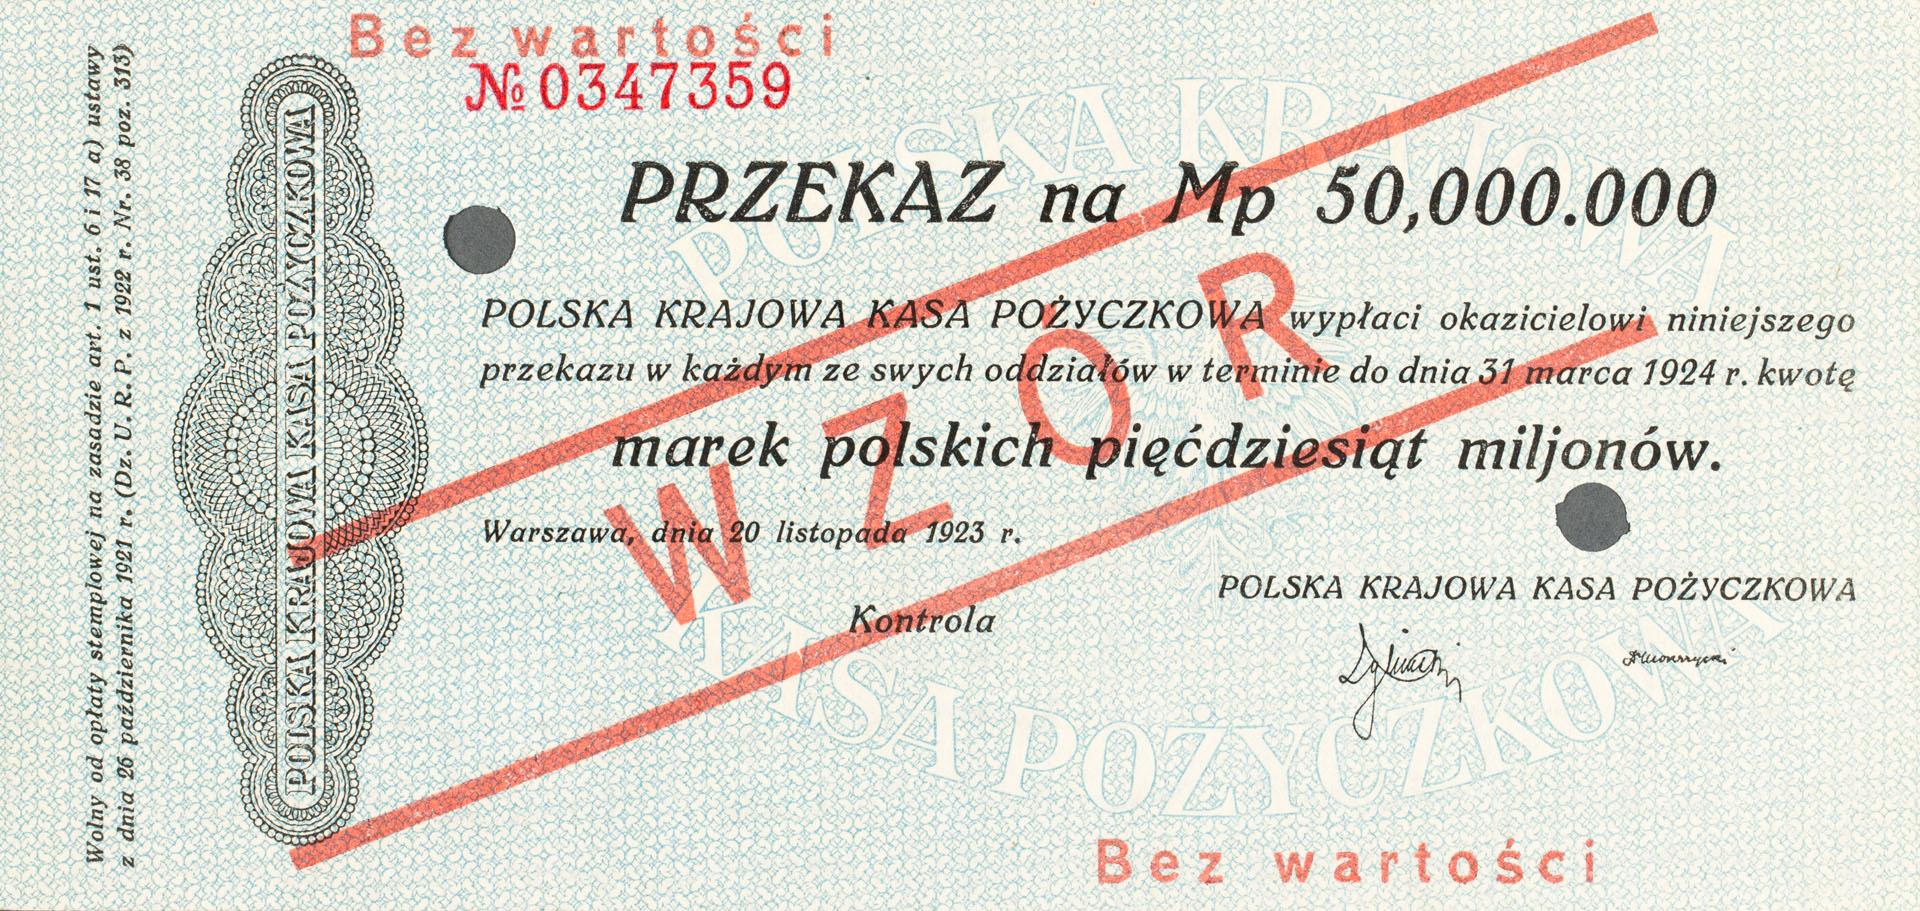 Przekaz 50.000.000 marek polskich